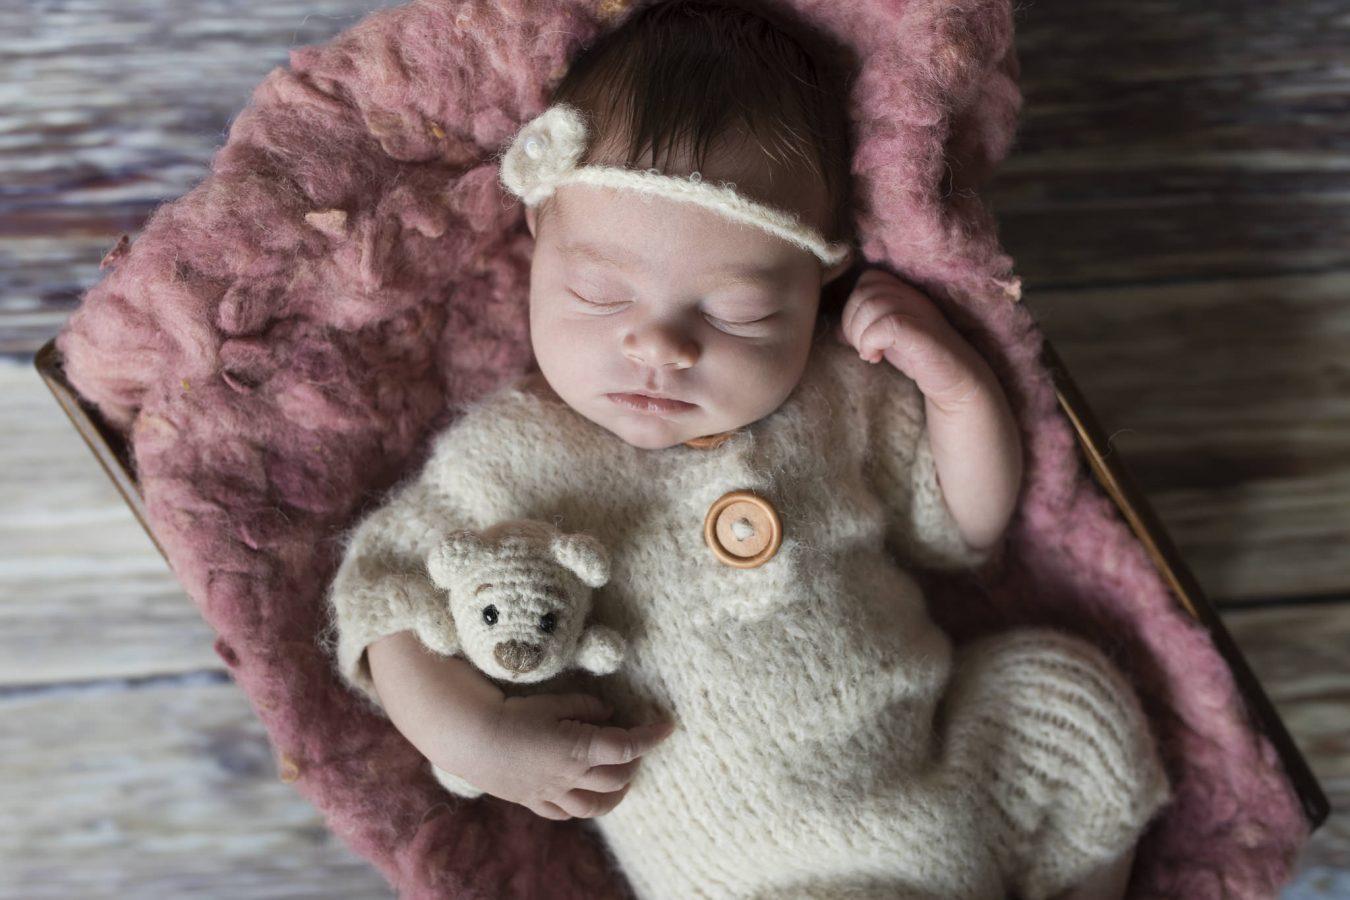 Babyfotografin Hamburg - das kleine Mädchen trägt ein Haarband passend zum Strampler